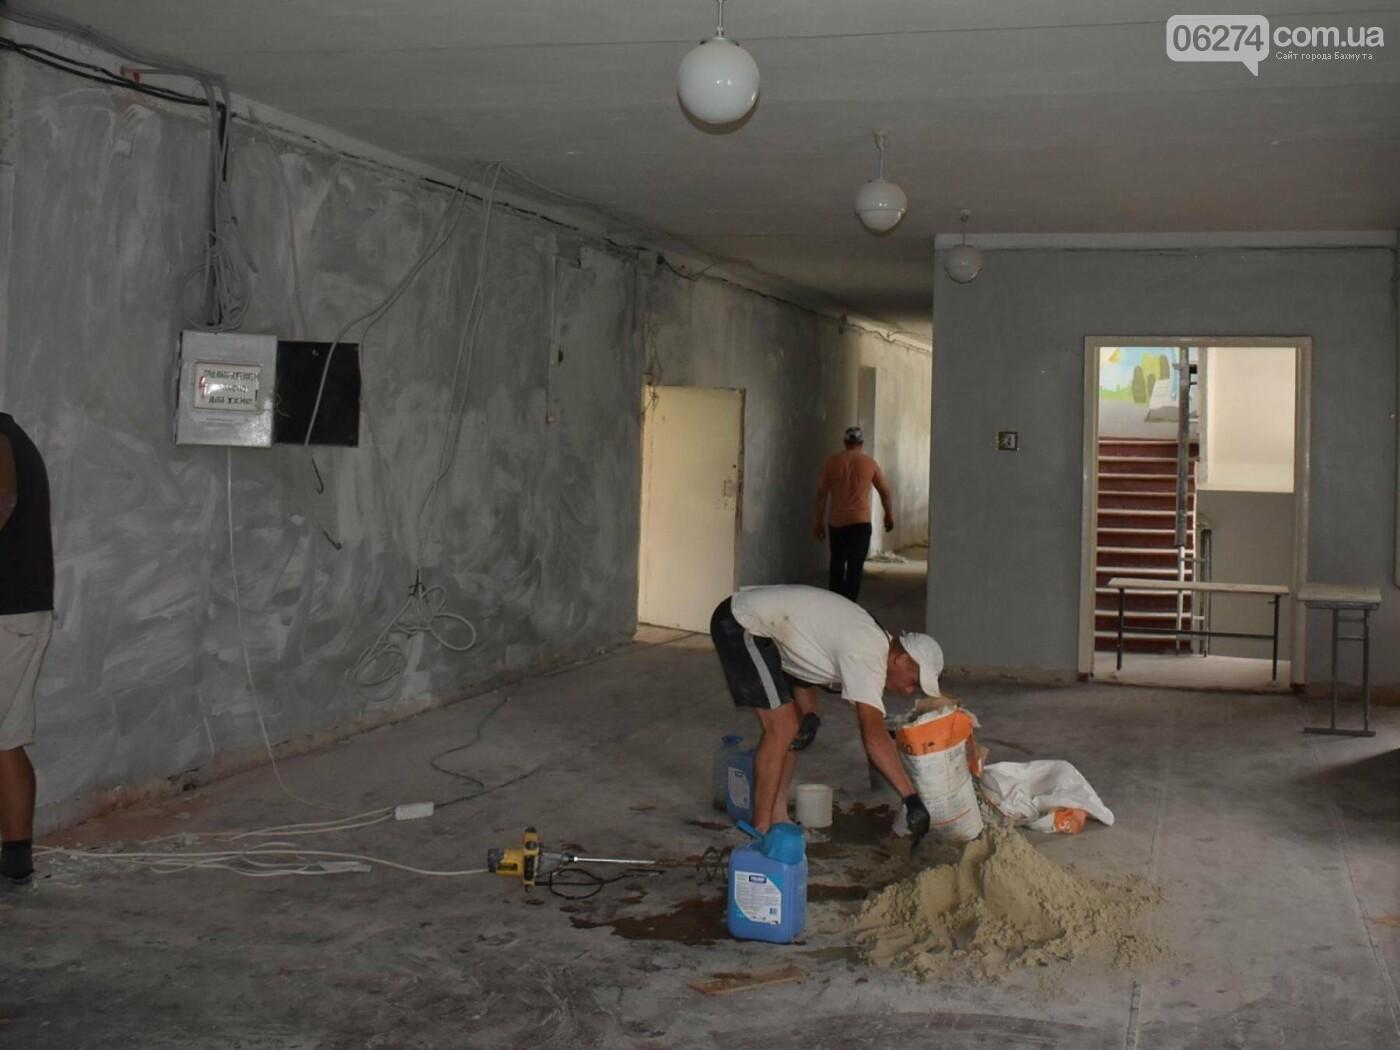 Безопасно или комфортно: на время ремонта двух школ бахмутчанам придется «потерпеть», фото-5